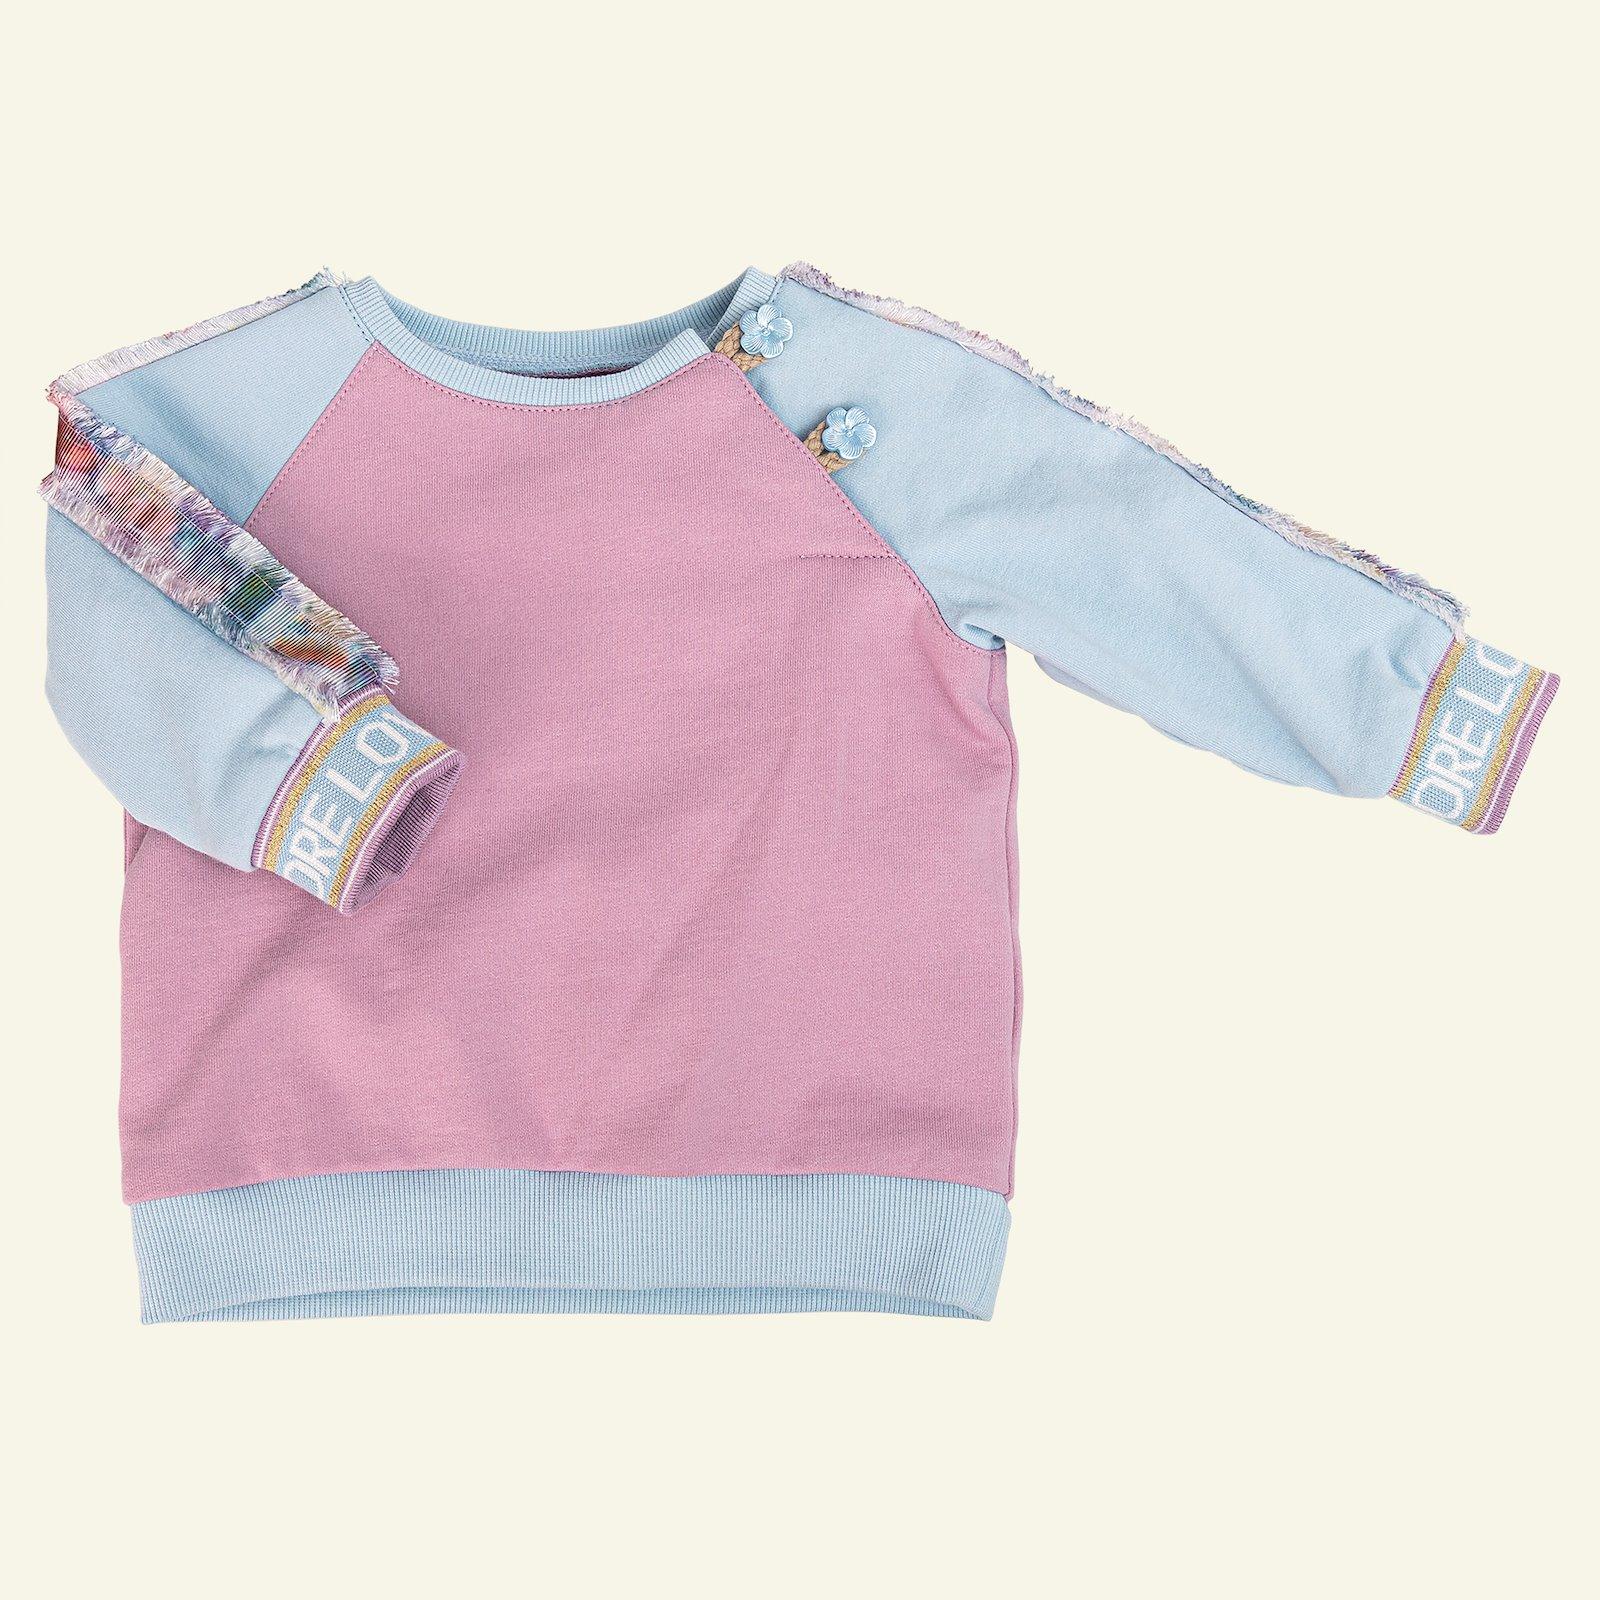 1x1 rib fold 14x100cm dusty pink 1pc p81029_211777_211778_96187_33316_96333_sskit